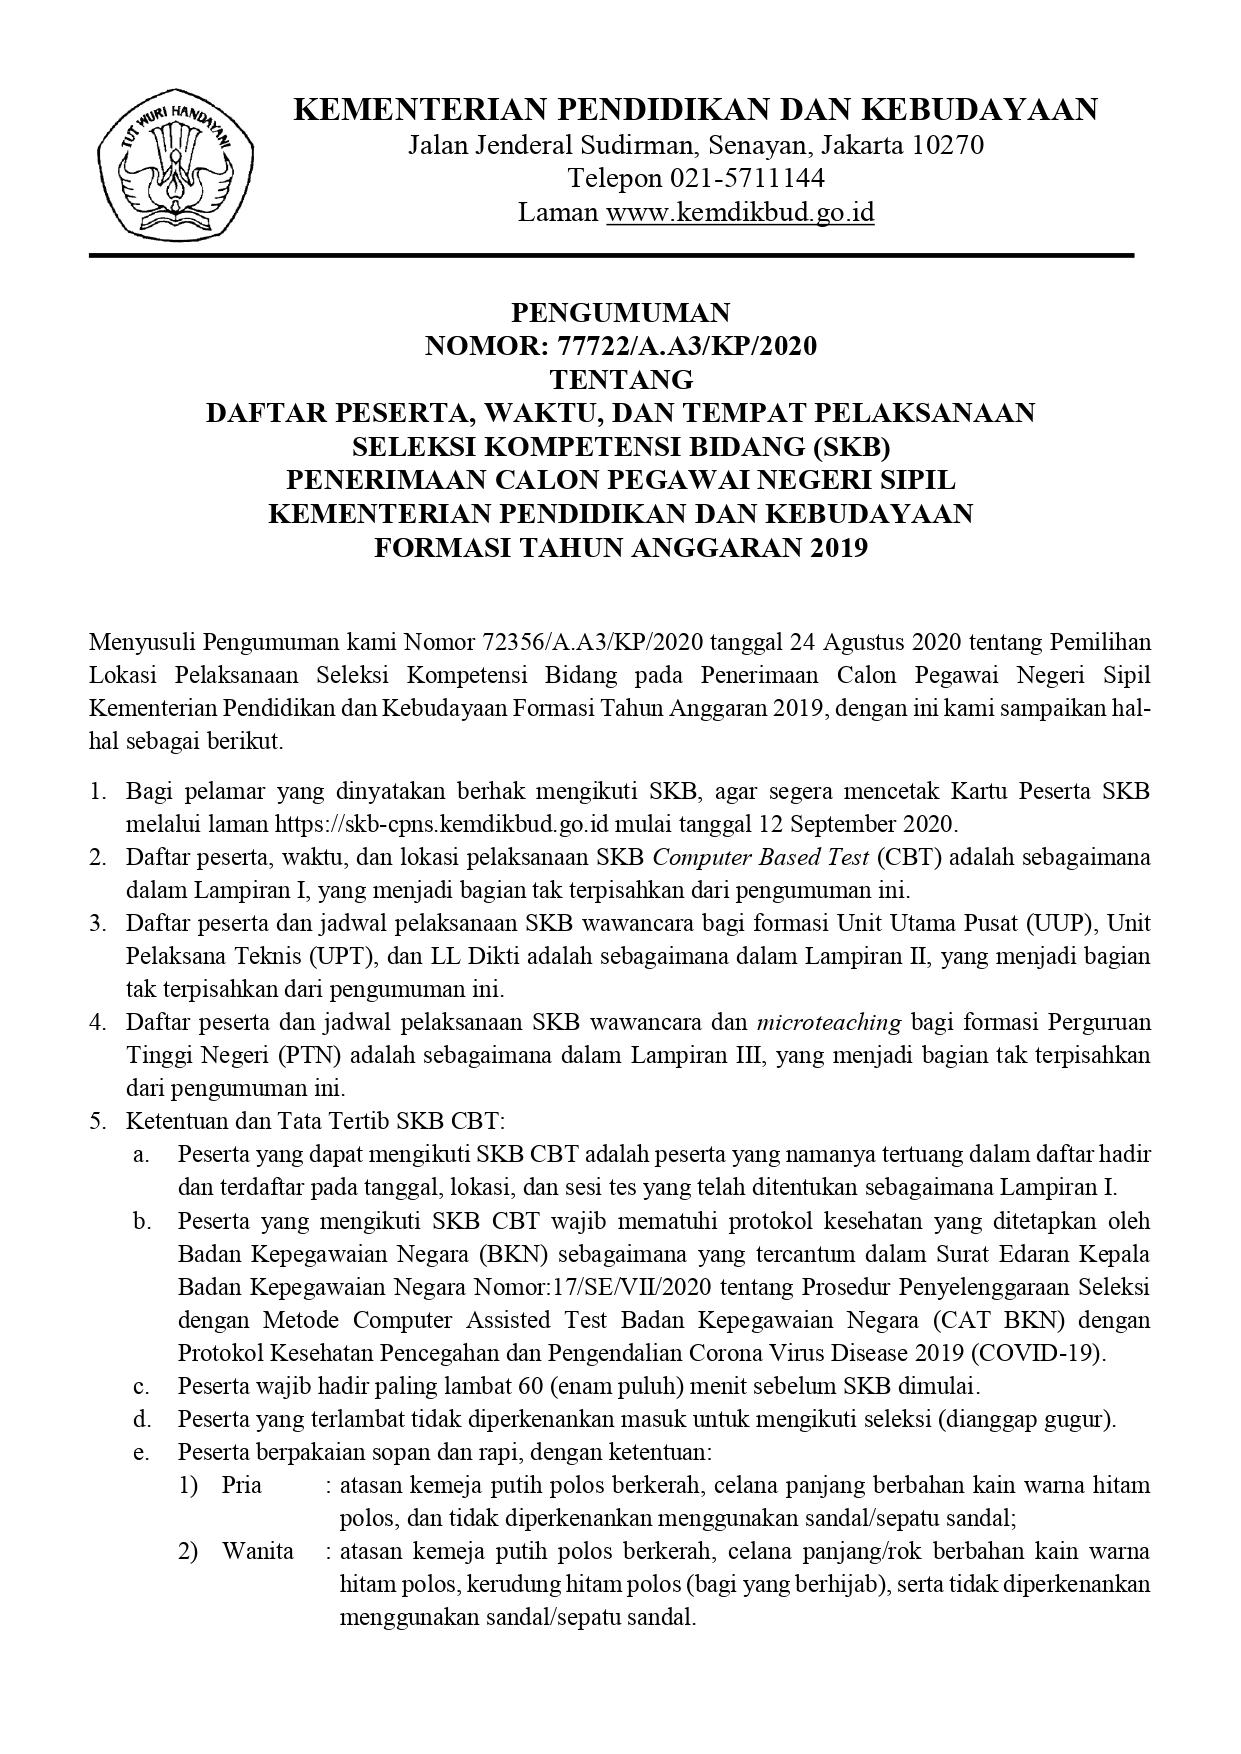 Daftar Peserta dan Jadwal SKB CPNS Kemendikbud Tahun 2020